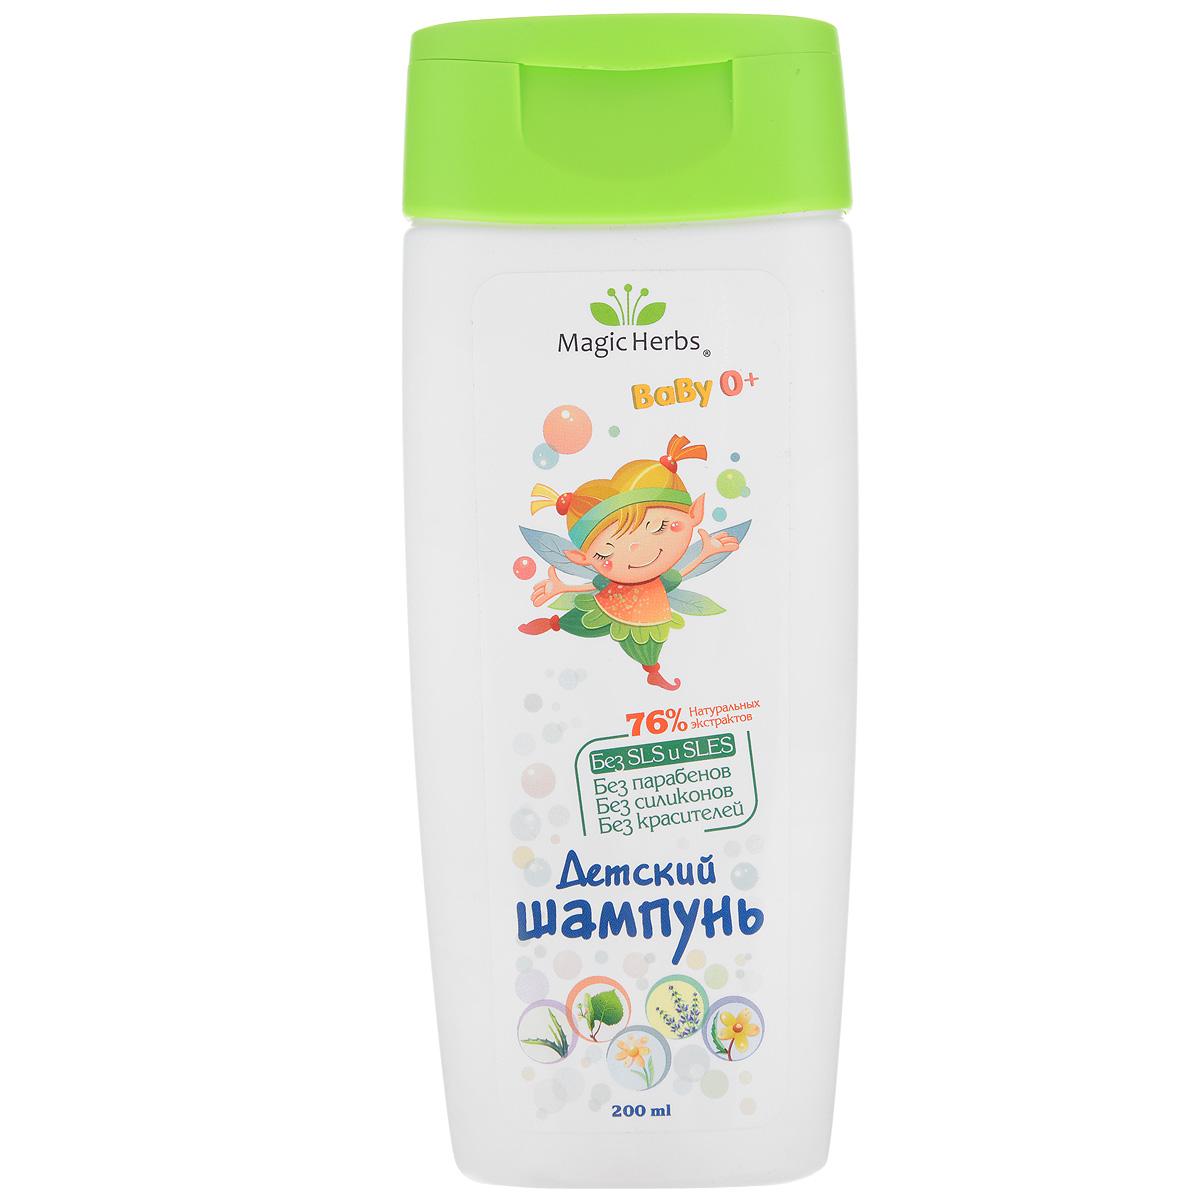 Magic Herbs Детский шампунь, с комплексом экстрактов, 200 мл